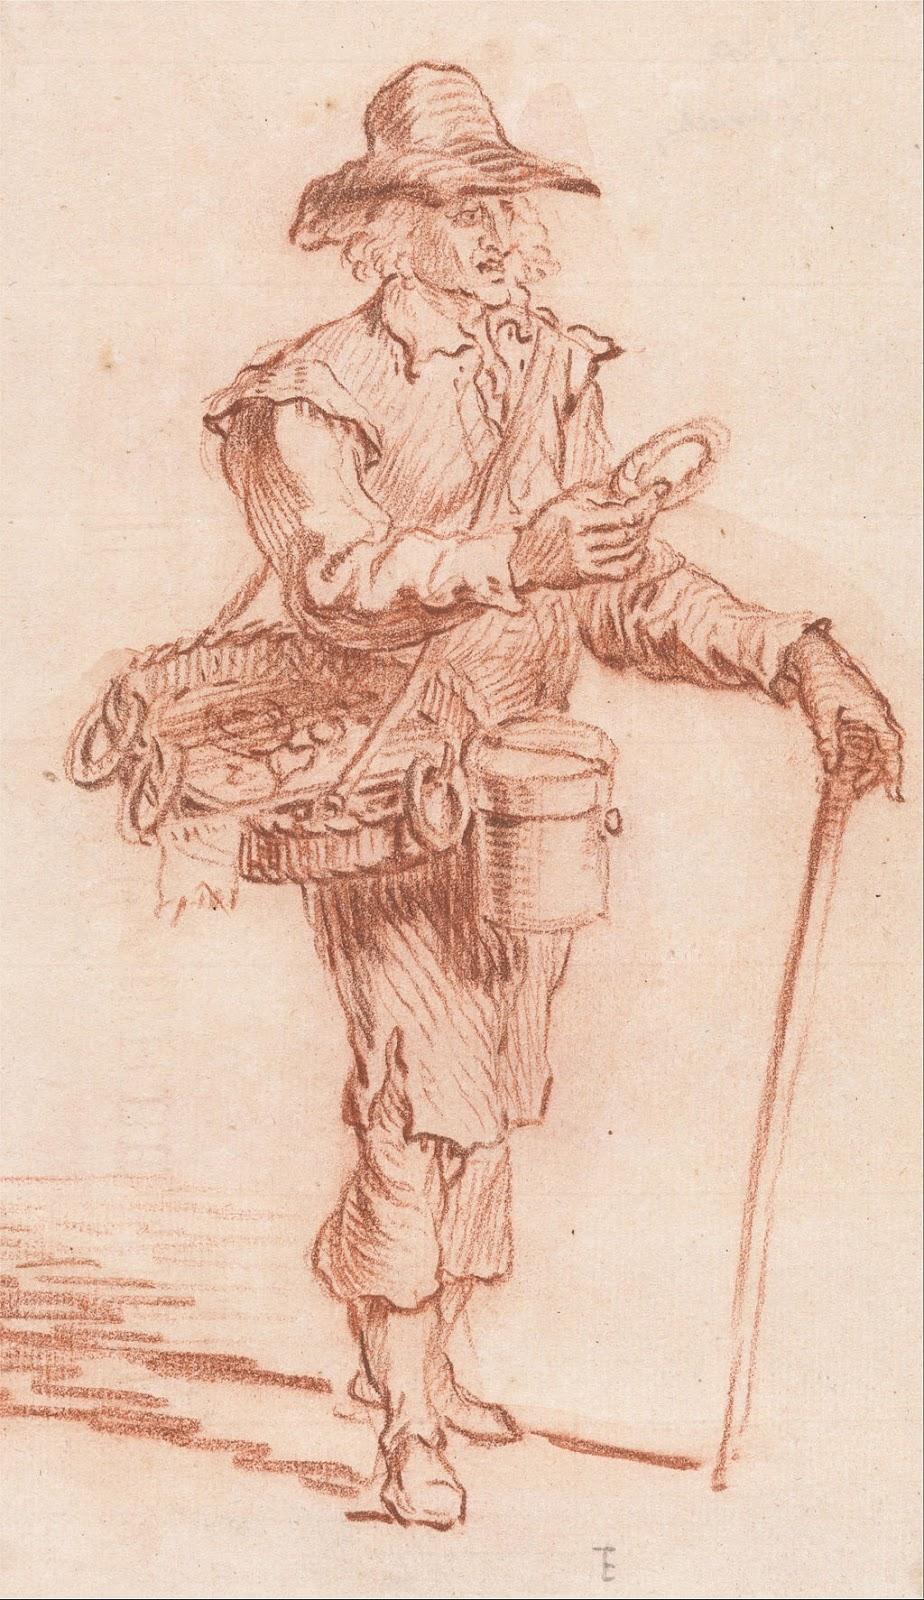 A pedlar, a hawker, a chapman